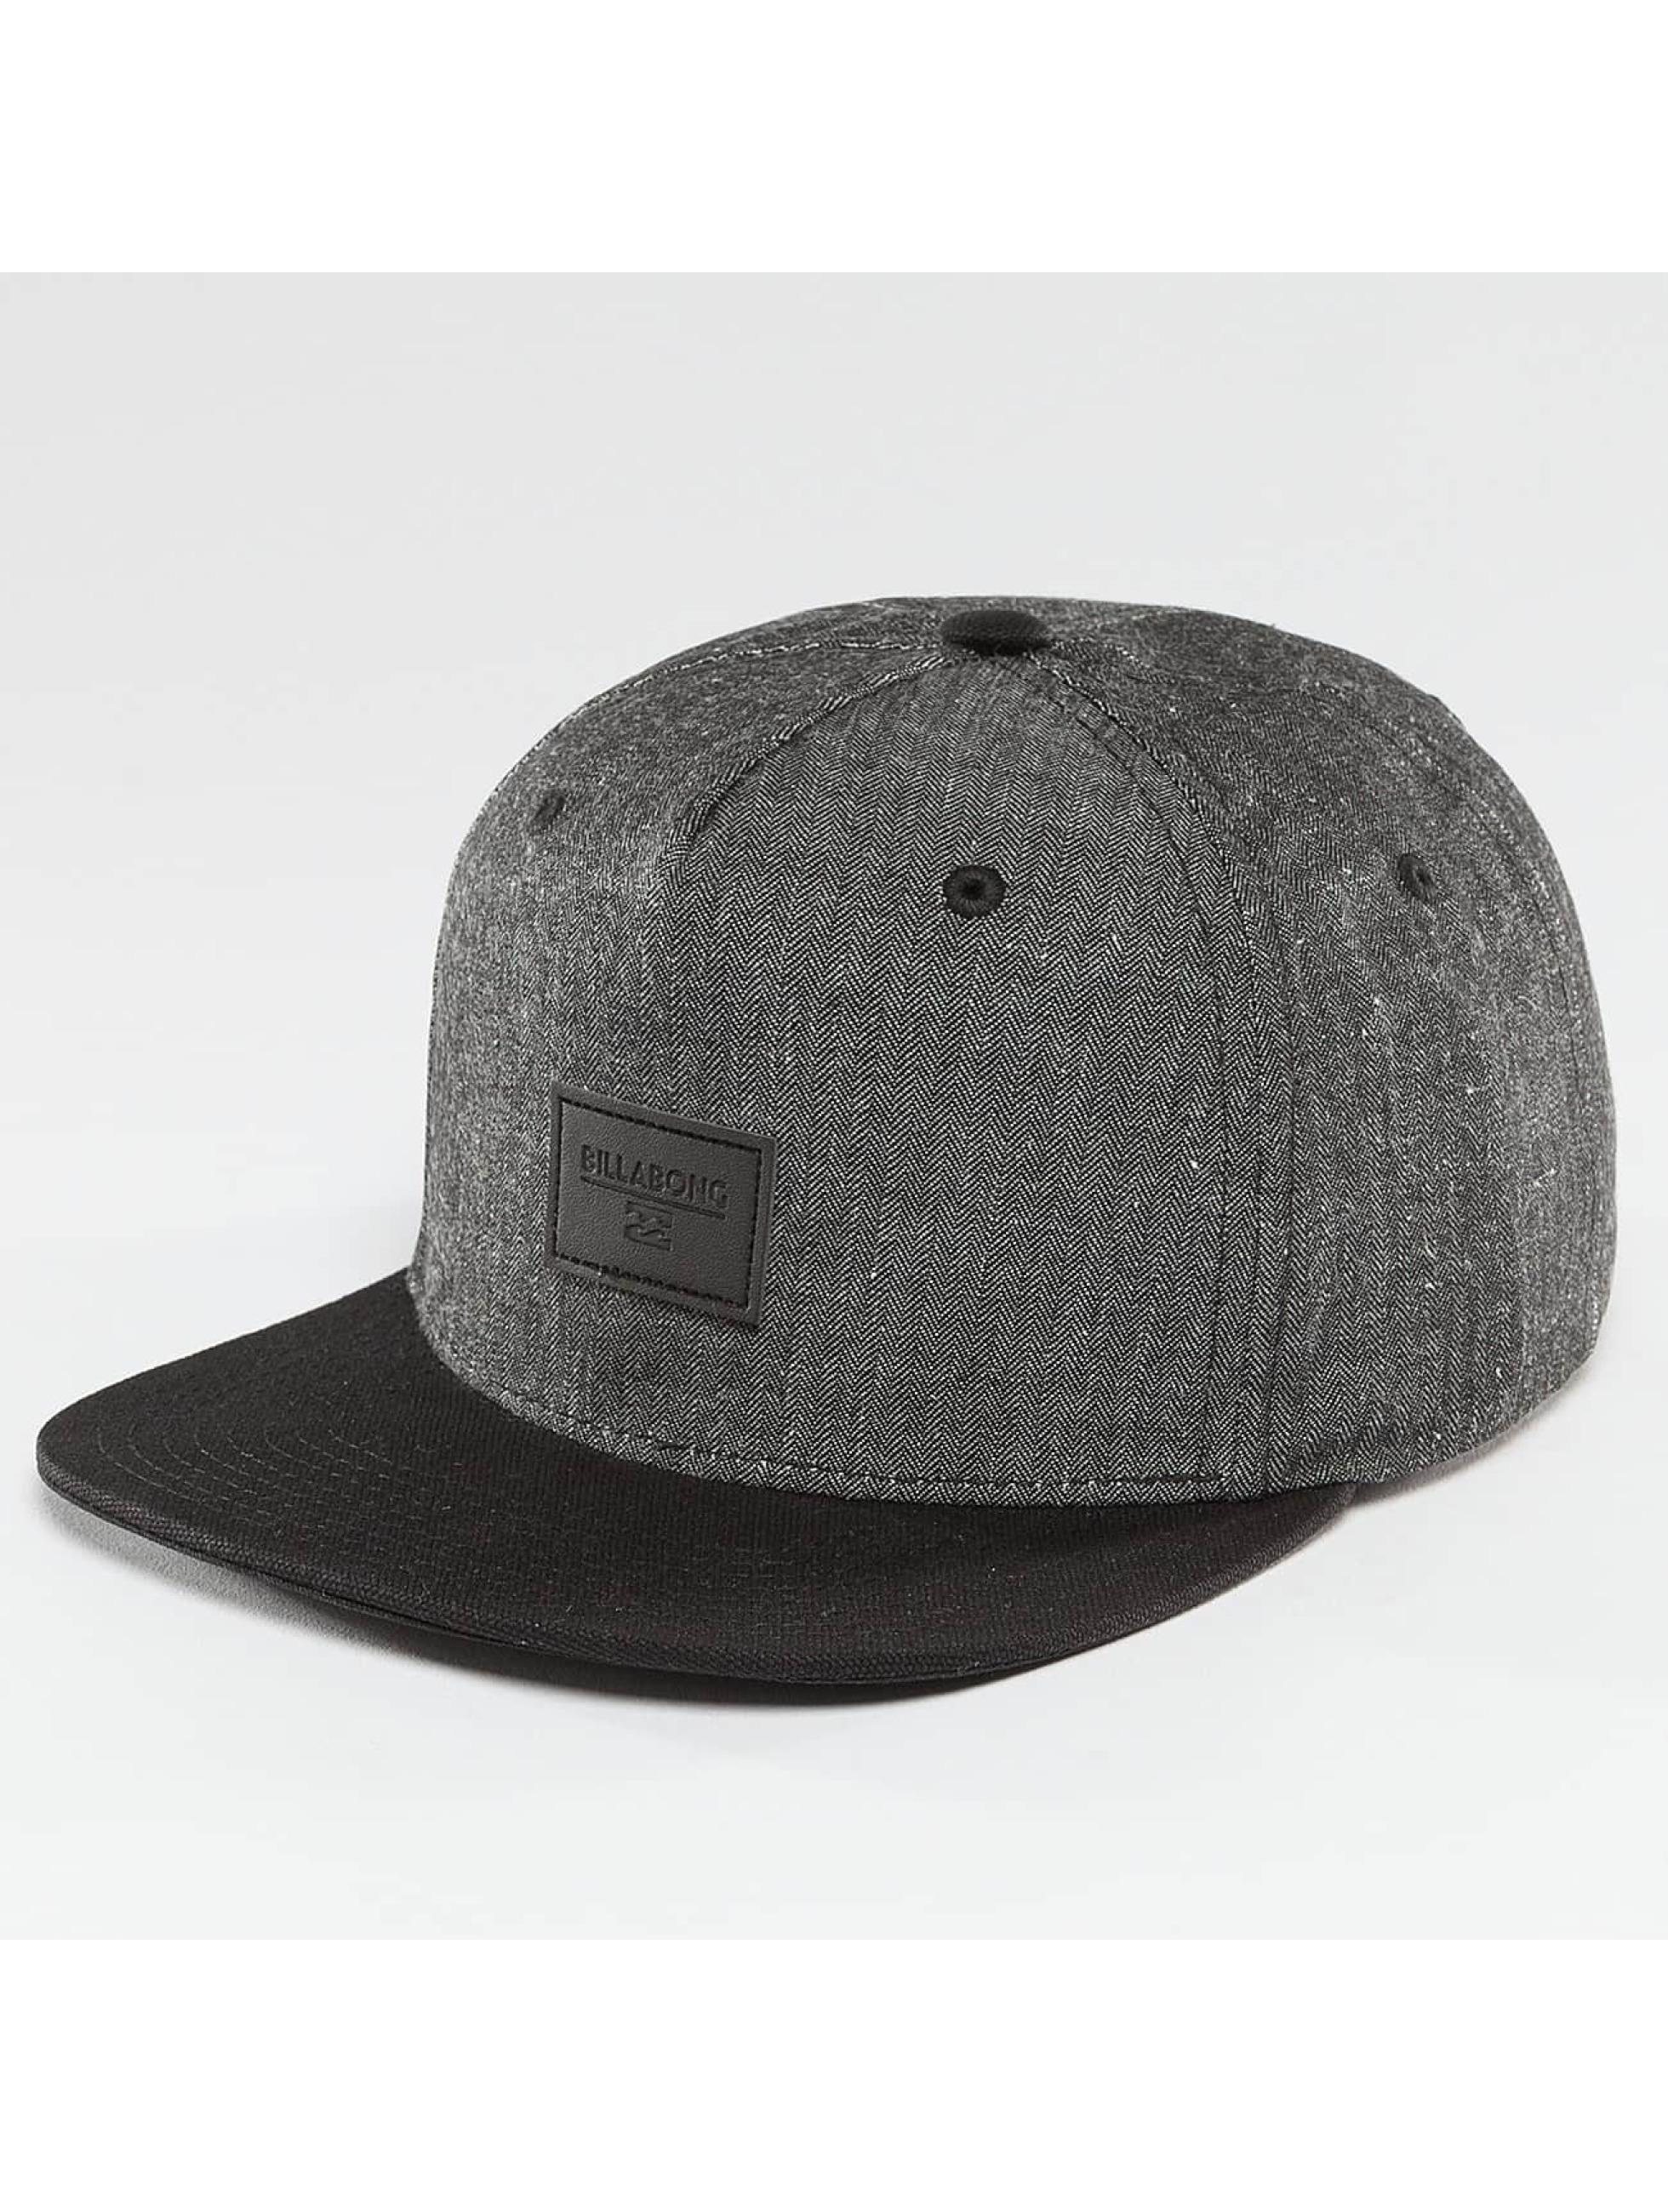 Billabong Snapback Cap Oxford black